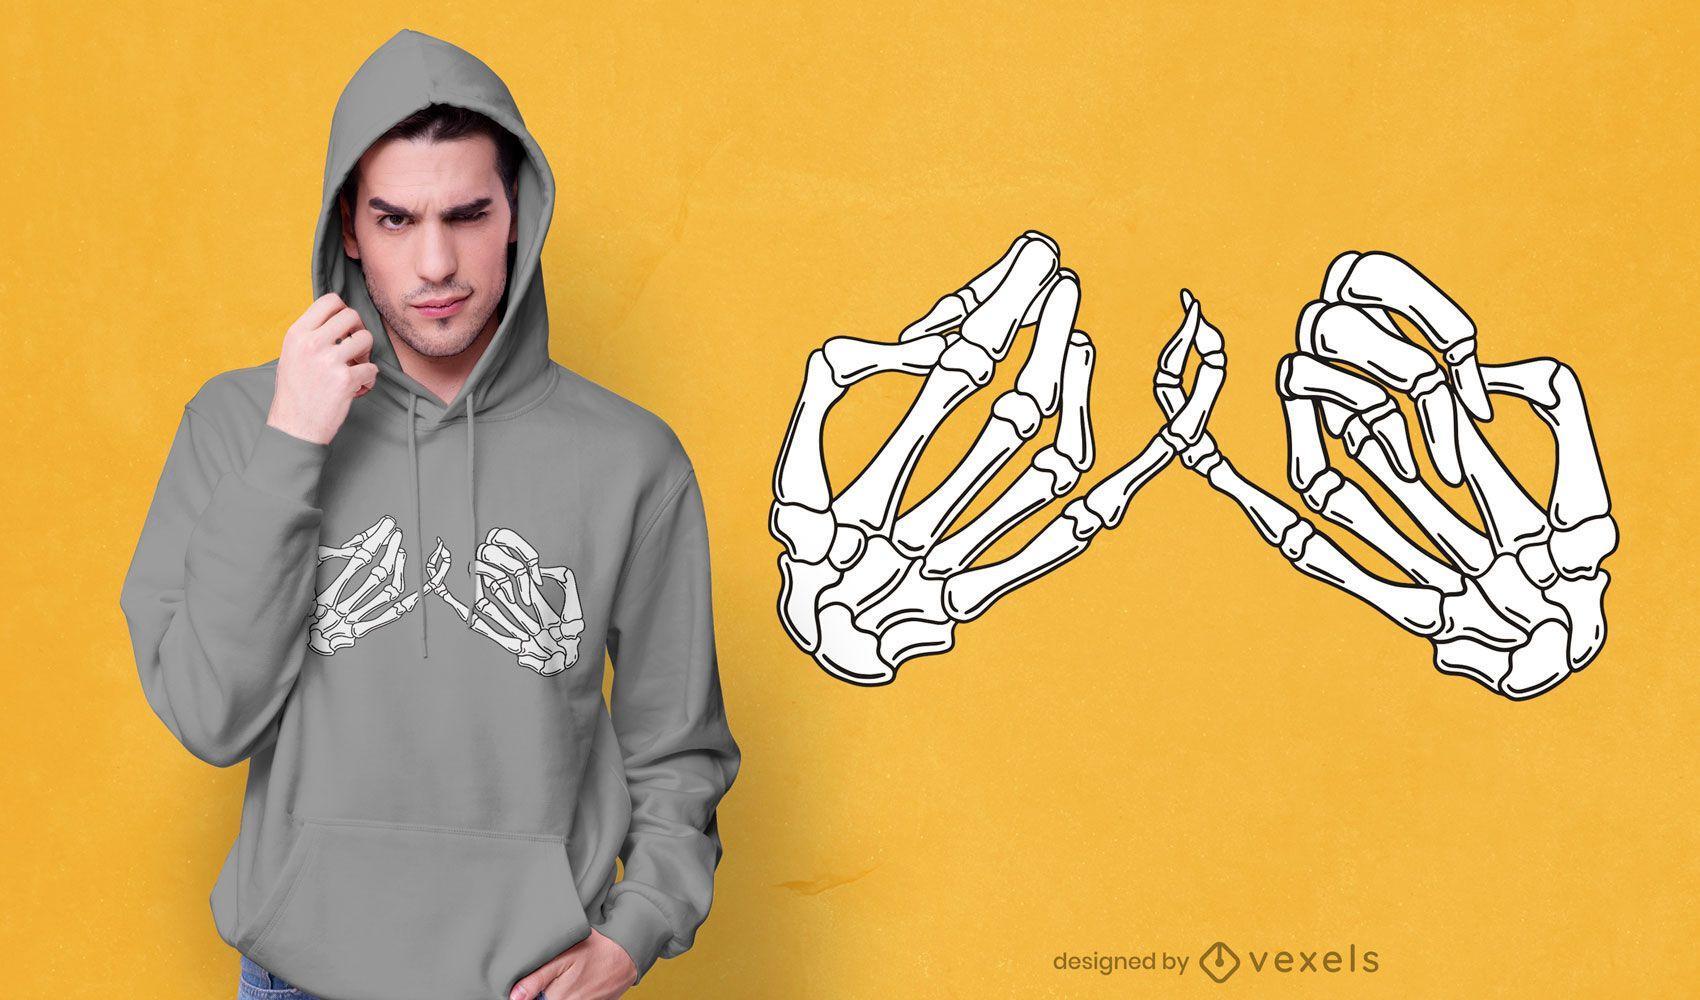 Skeleton pinky promise t-shirt design